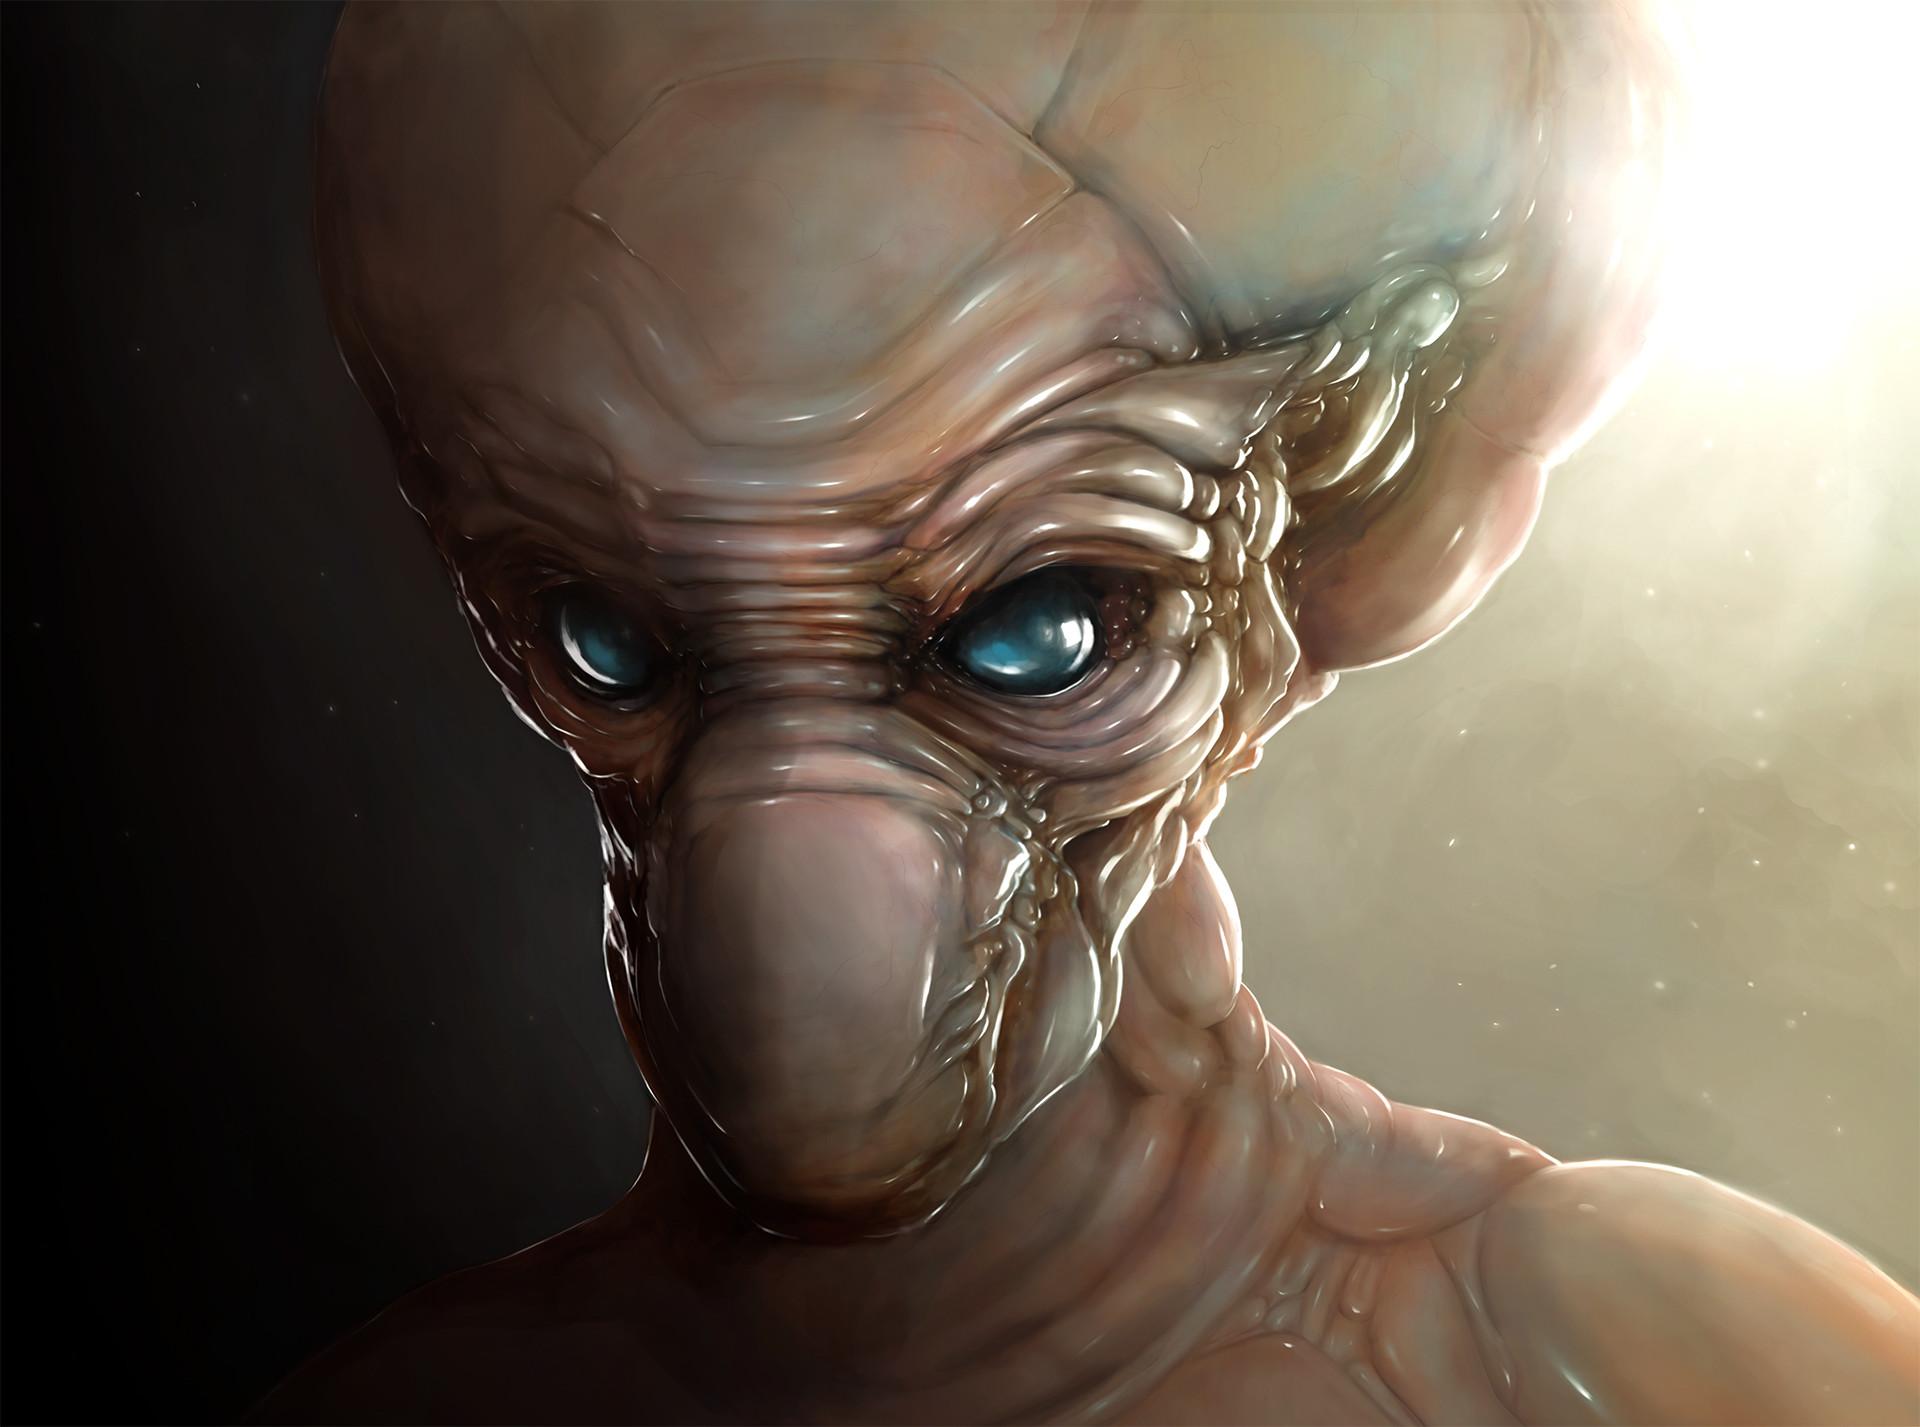 Ilhan yilmaz alien final 04